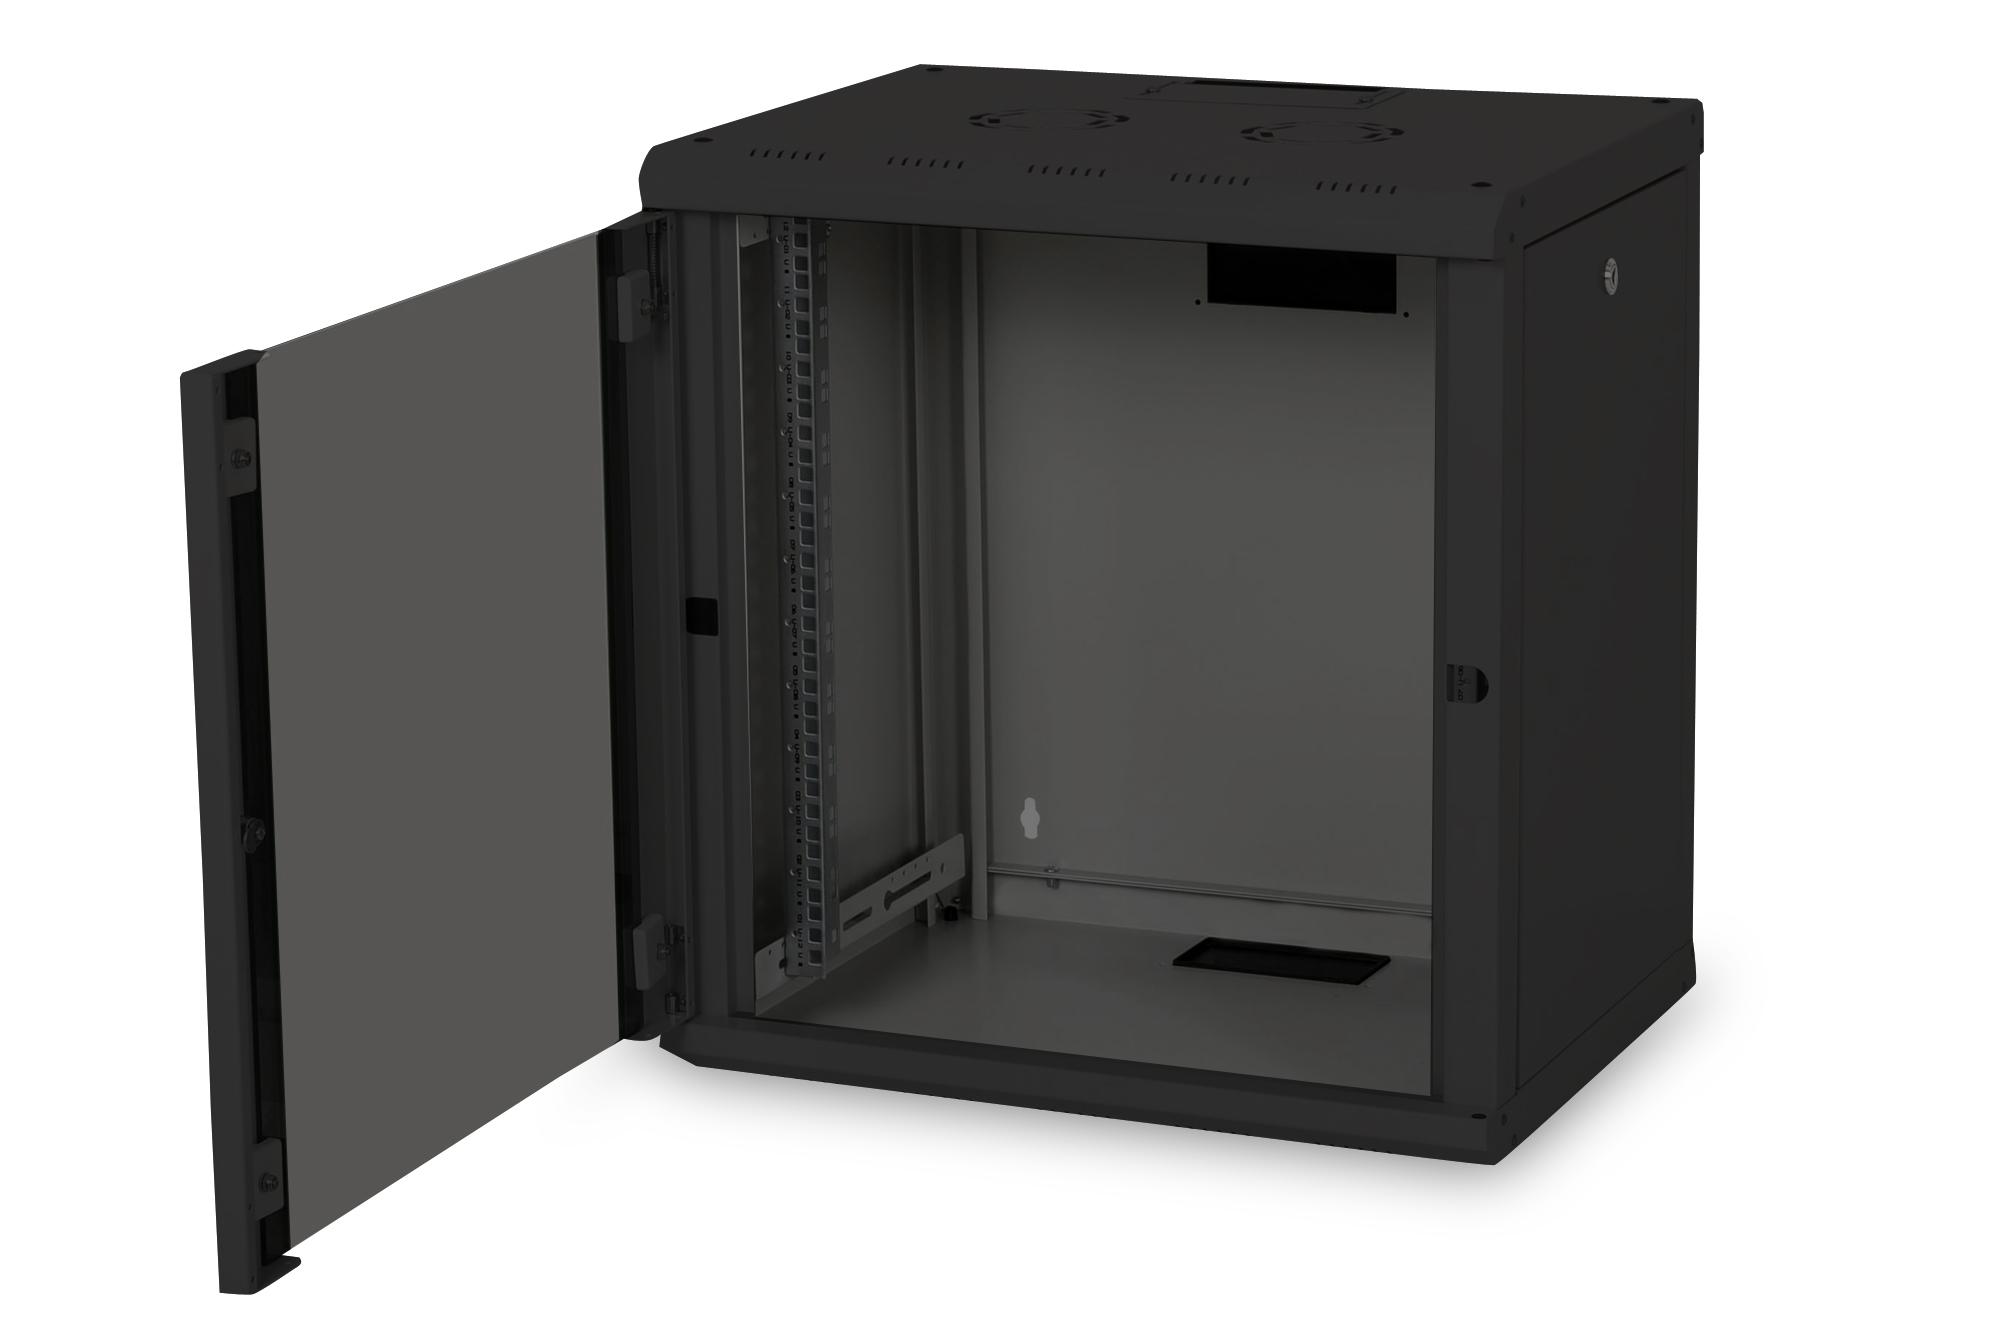 Armadio 12 unita' da muro linea soho (a)643 x (l)600 x (p)450 mm. colore nero